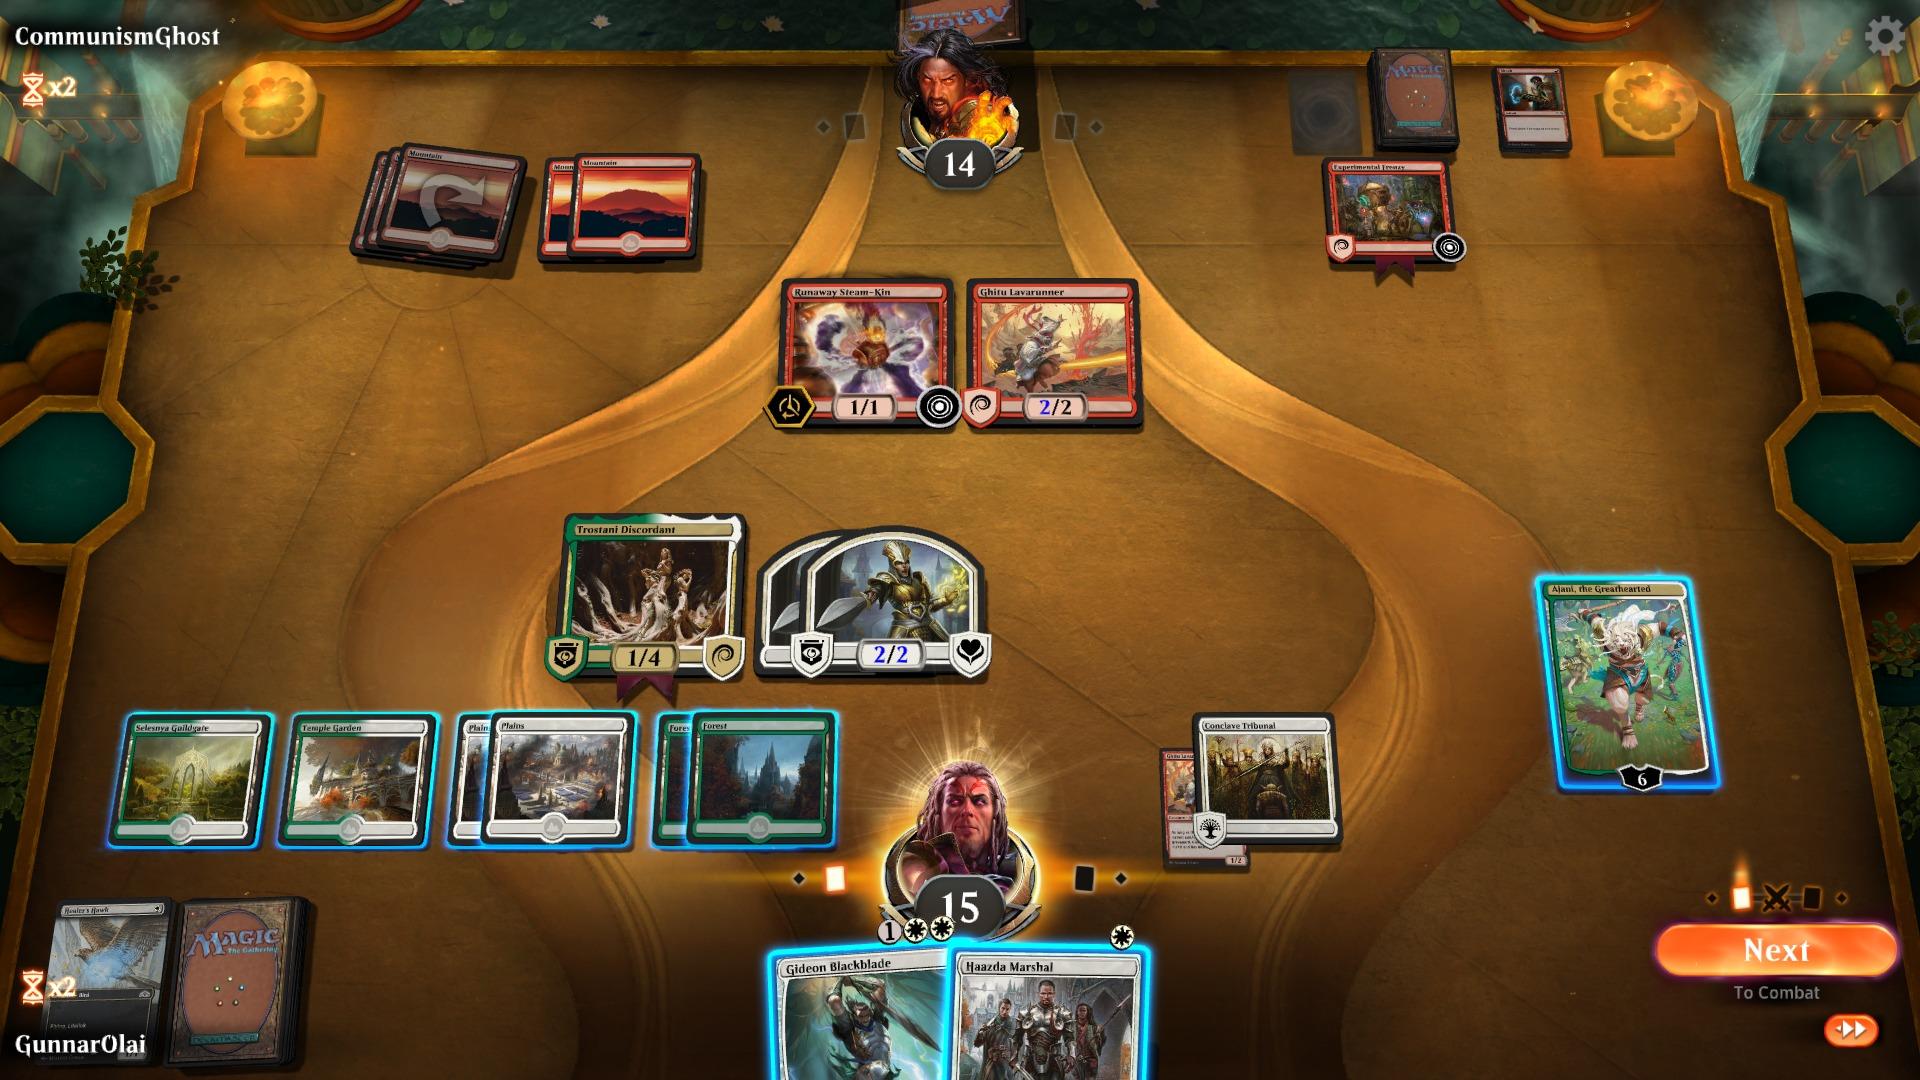 EN FRYD FOR ØYNENE: Grafikken i Arena er en solid oppgradering fra tidligere digitalversjoner av Magic.